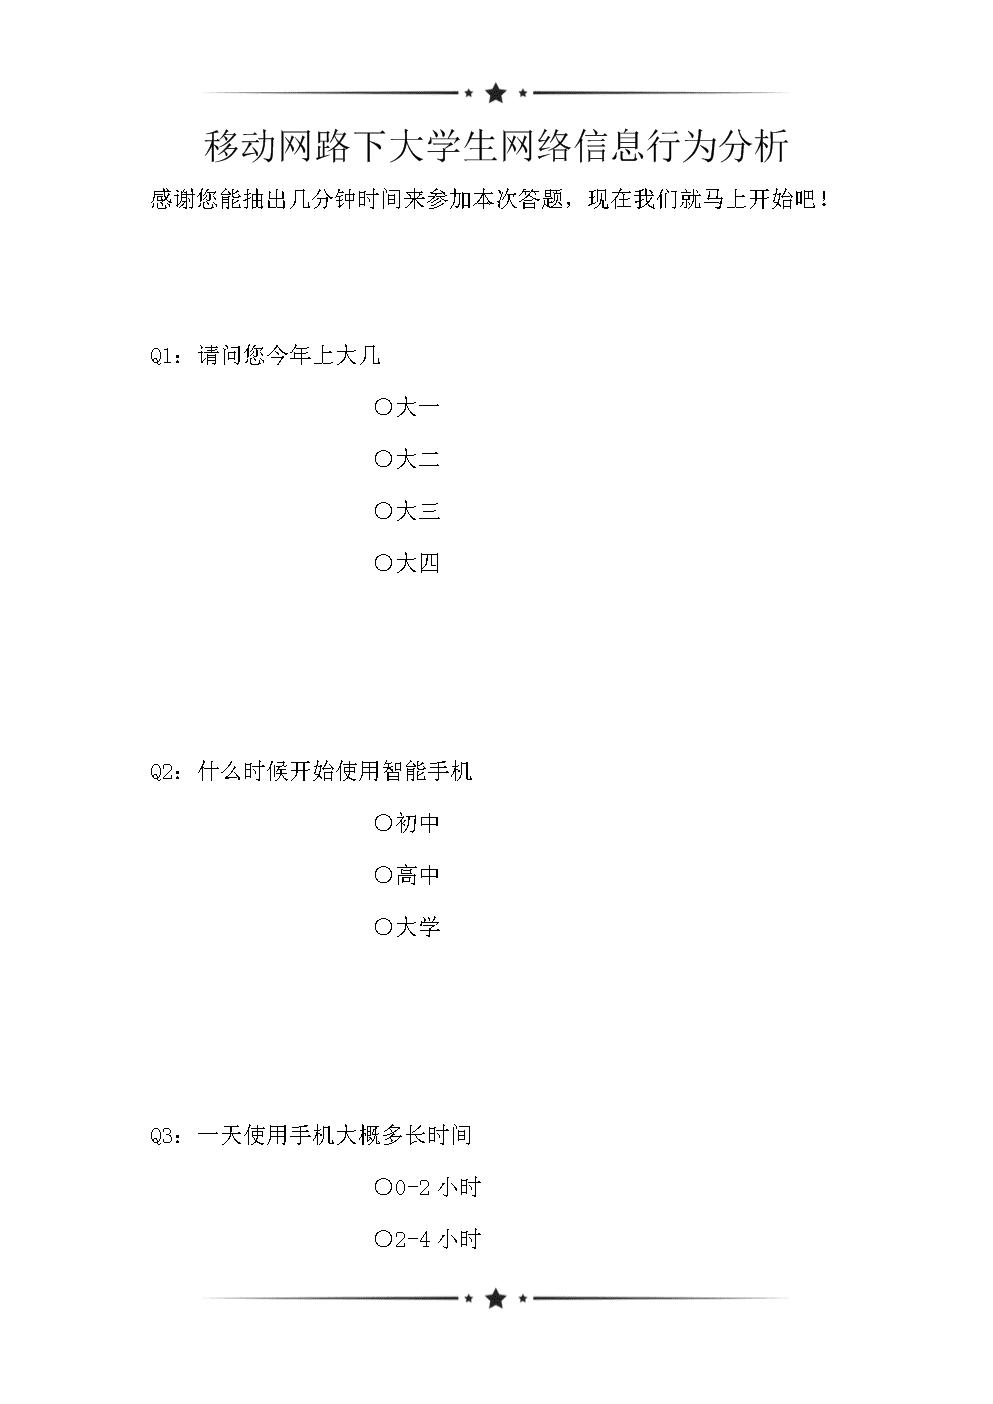 移动网路下大学生网络信息行为分析(可编辑).doc